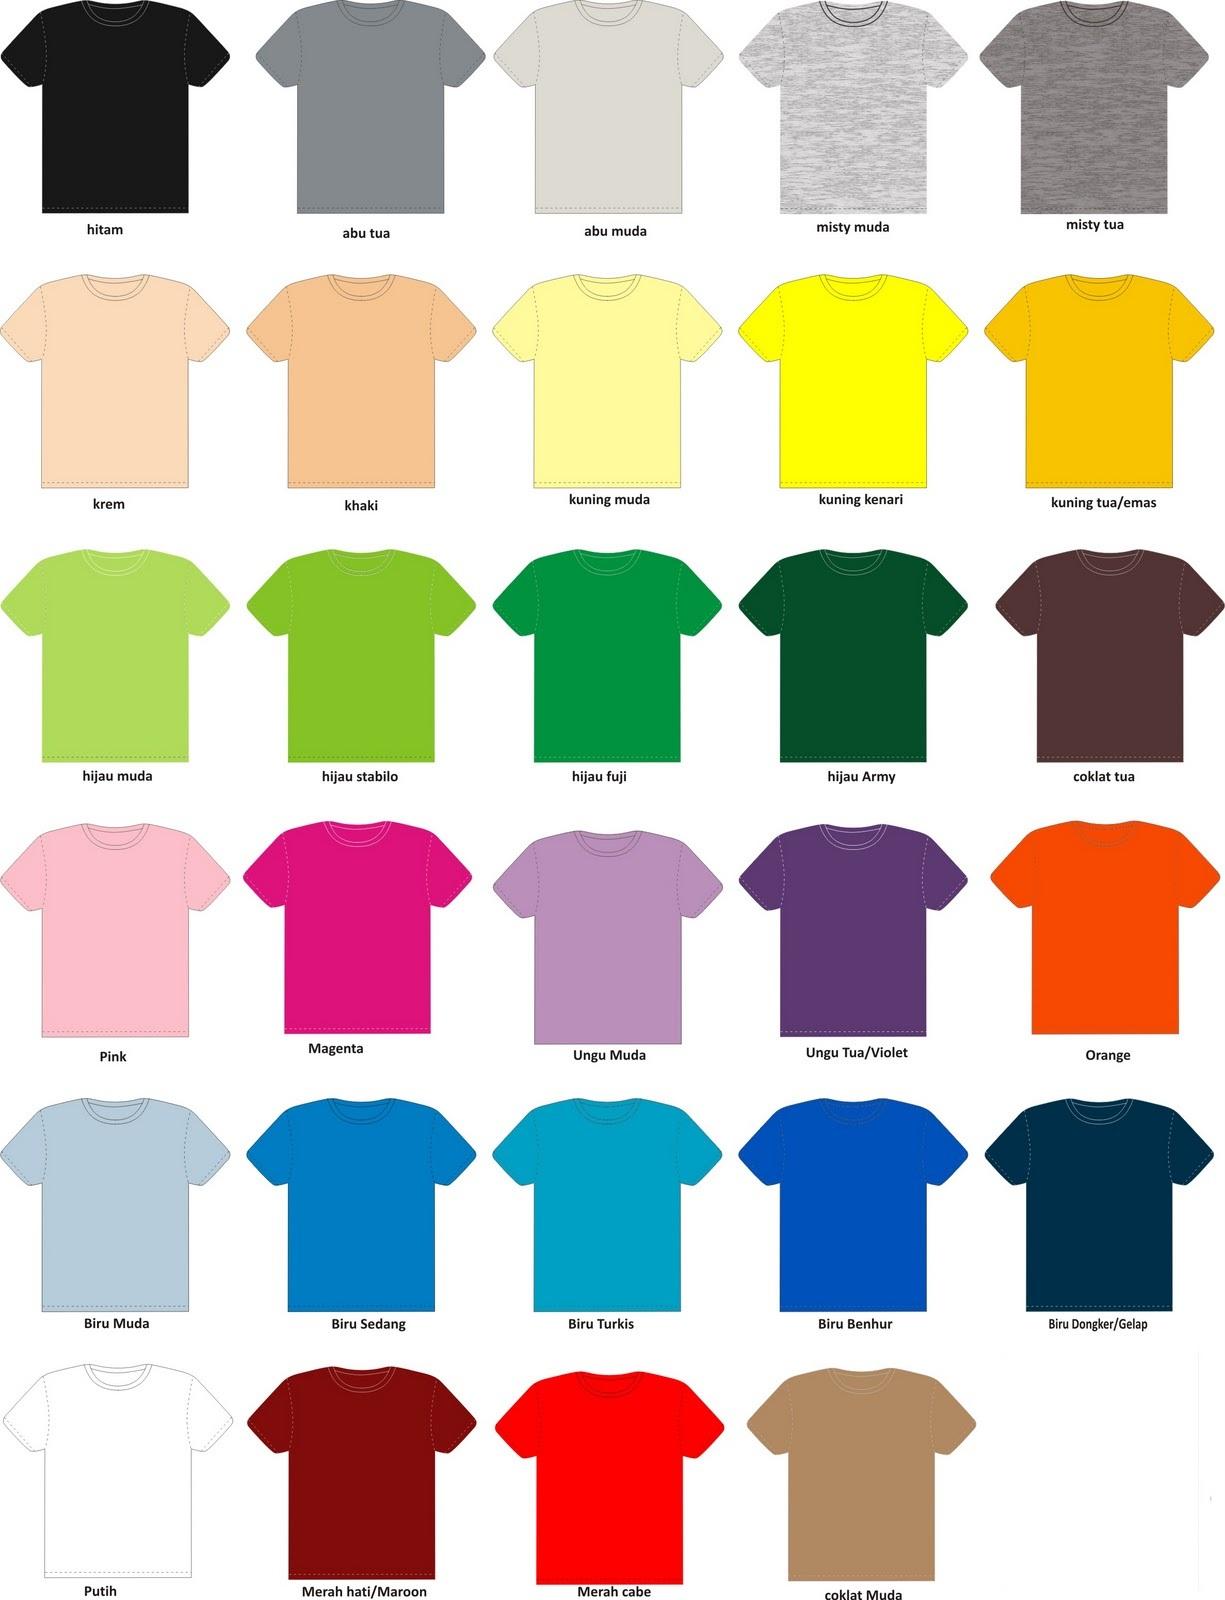 toko kaos tangerang warna kaos